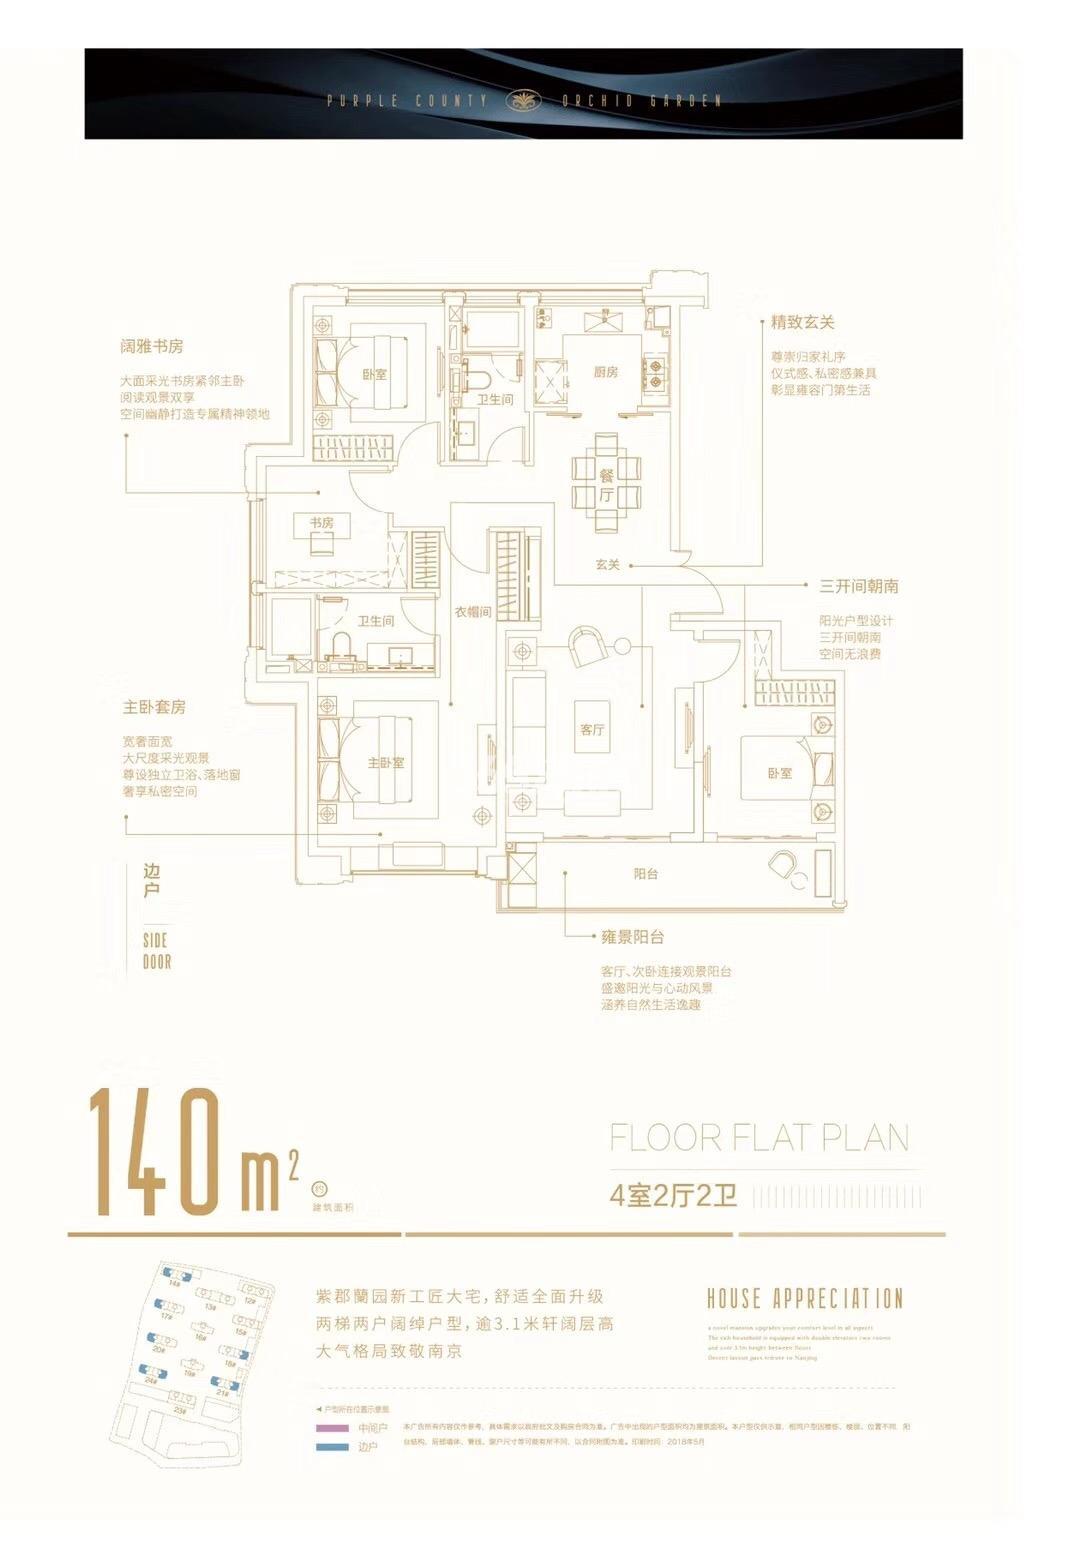 葛洲坝招商紫郡蘭园140㎡4室2厅2卫户型图